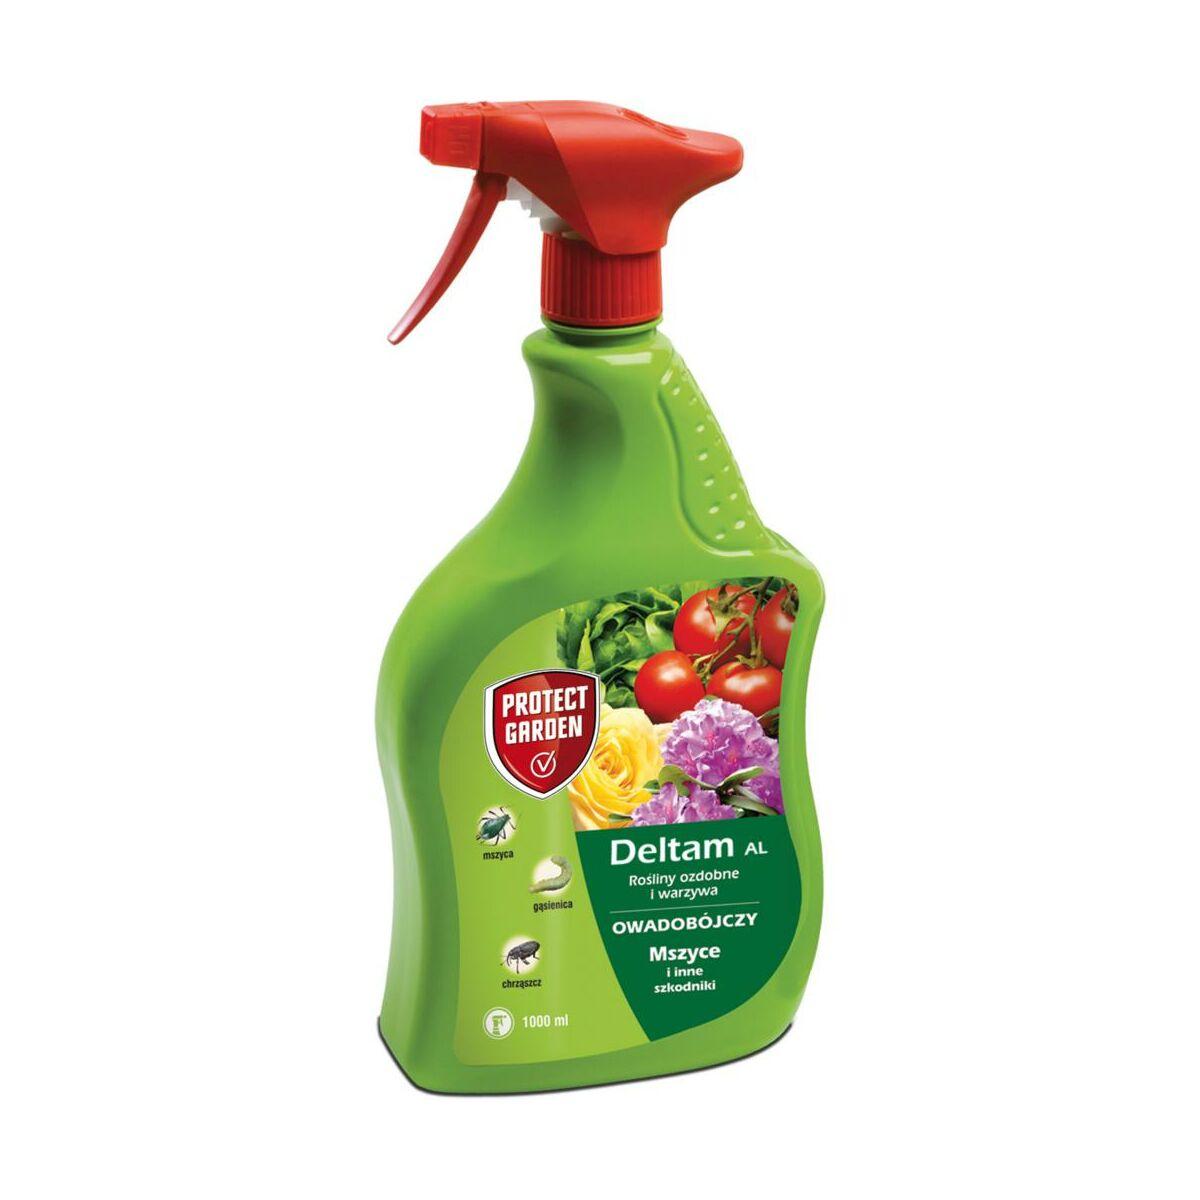 Srodek Owadobojczy Deltam Al 1 L Protect Garden Srodki Owadobojcze W Atrakcyjnej Cenie W Sklepach Leroy Merlin